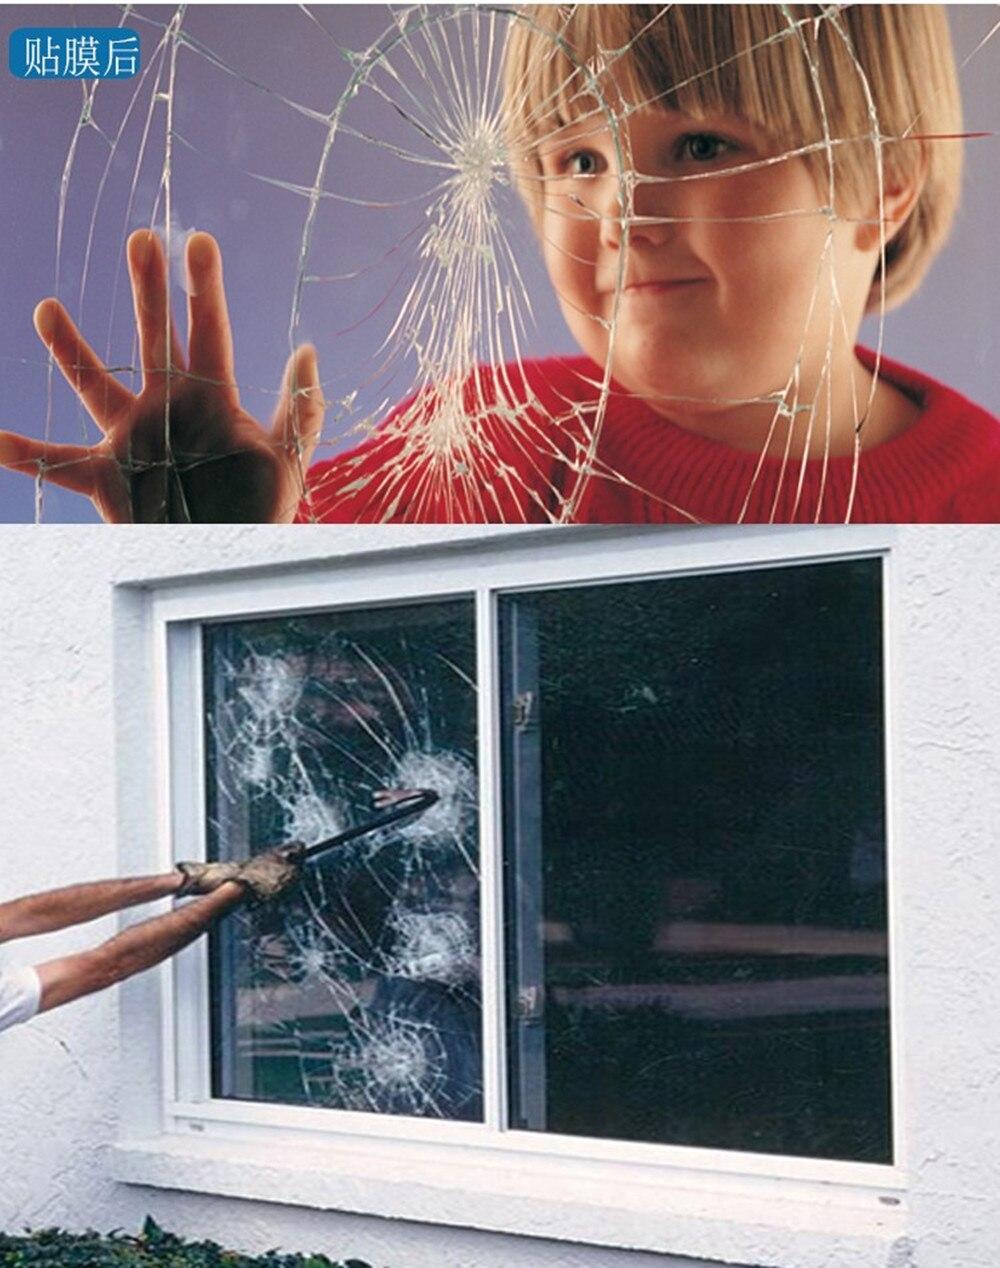 12mil épaisseur PET Film de protection sécurité Film de sécurité bouclier prévention pour chambre d'enfants Film étanche 152 cm x 1000 cm